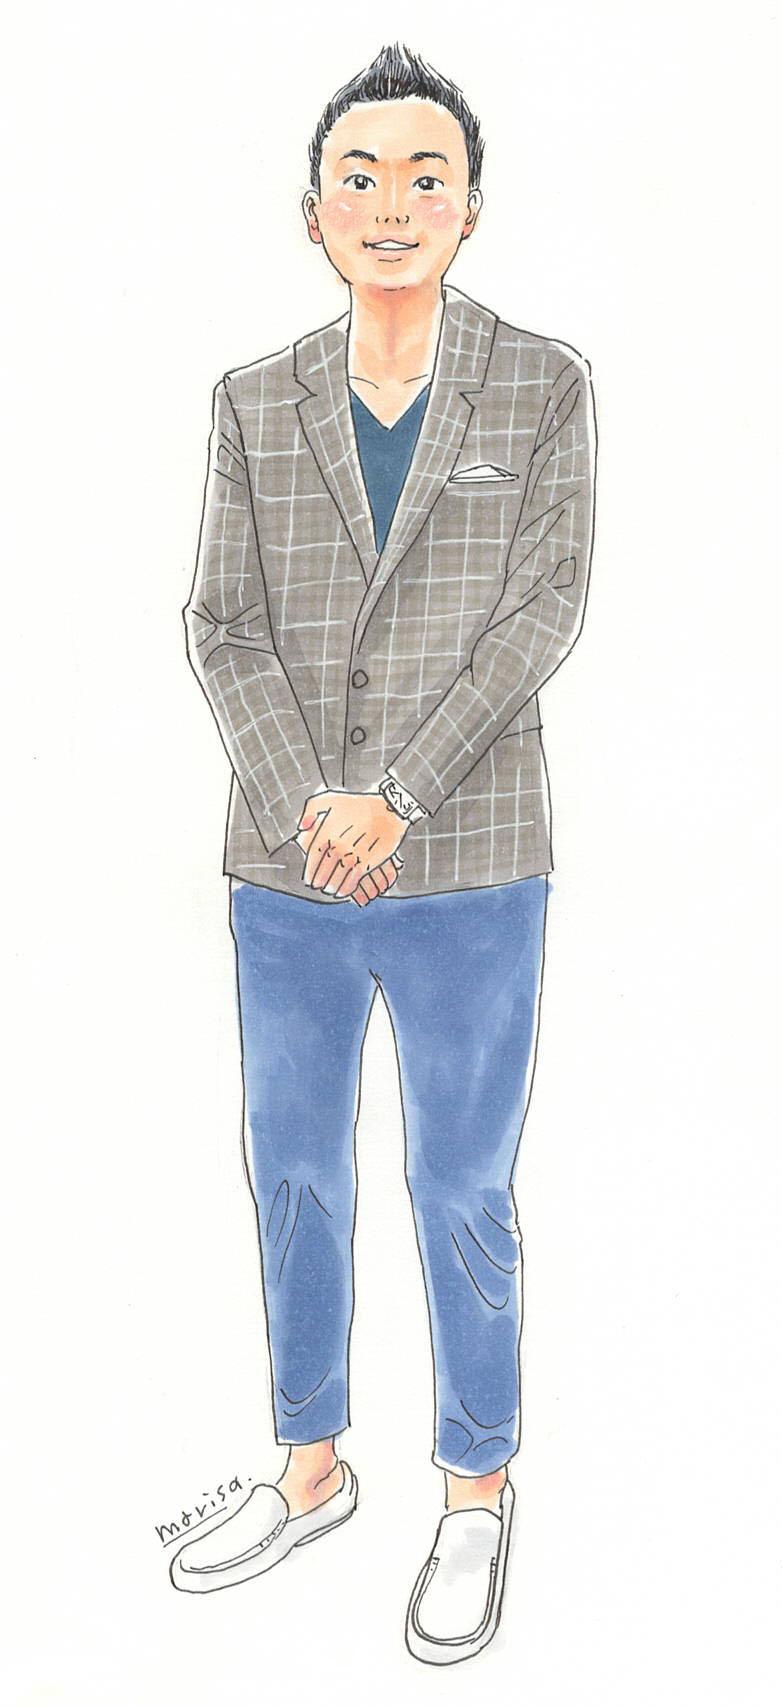 この服着たい!をイラストで叶える vol.11